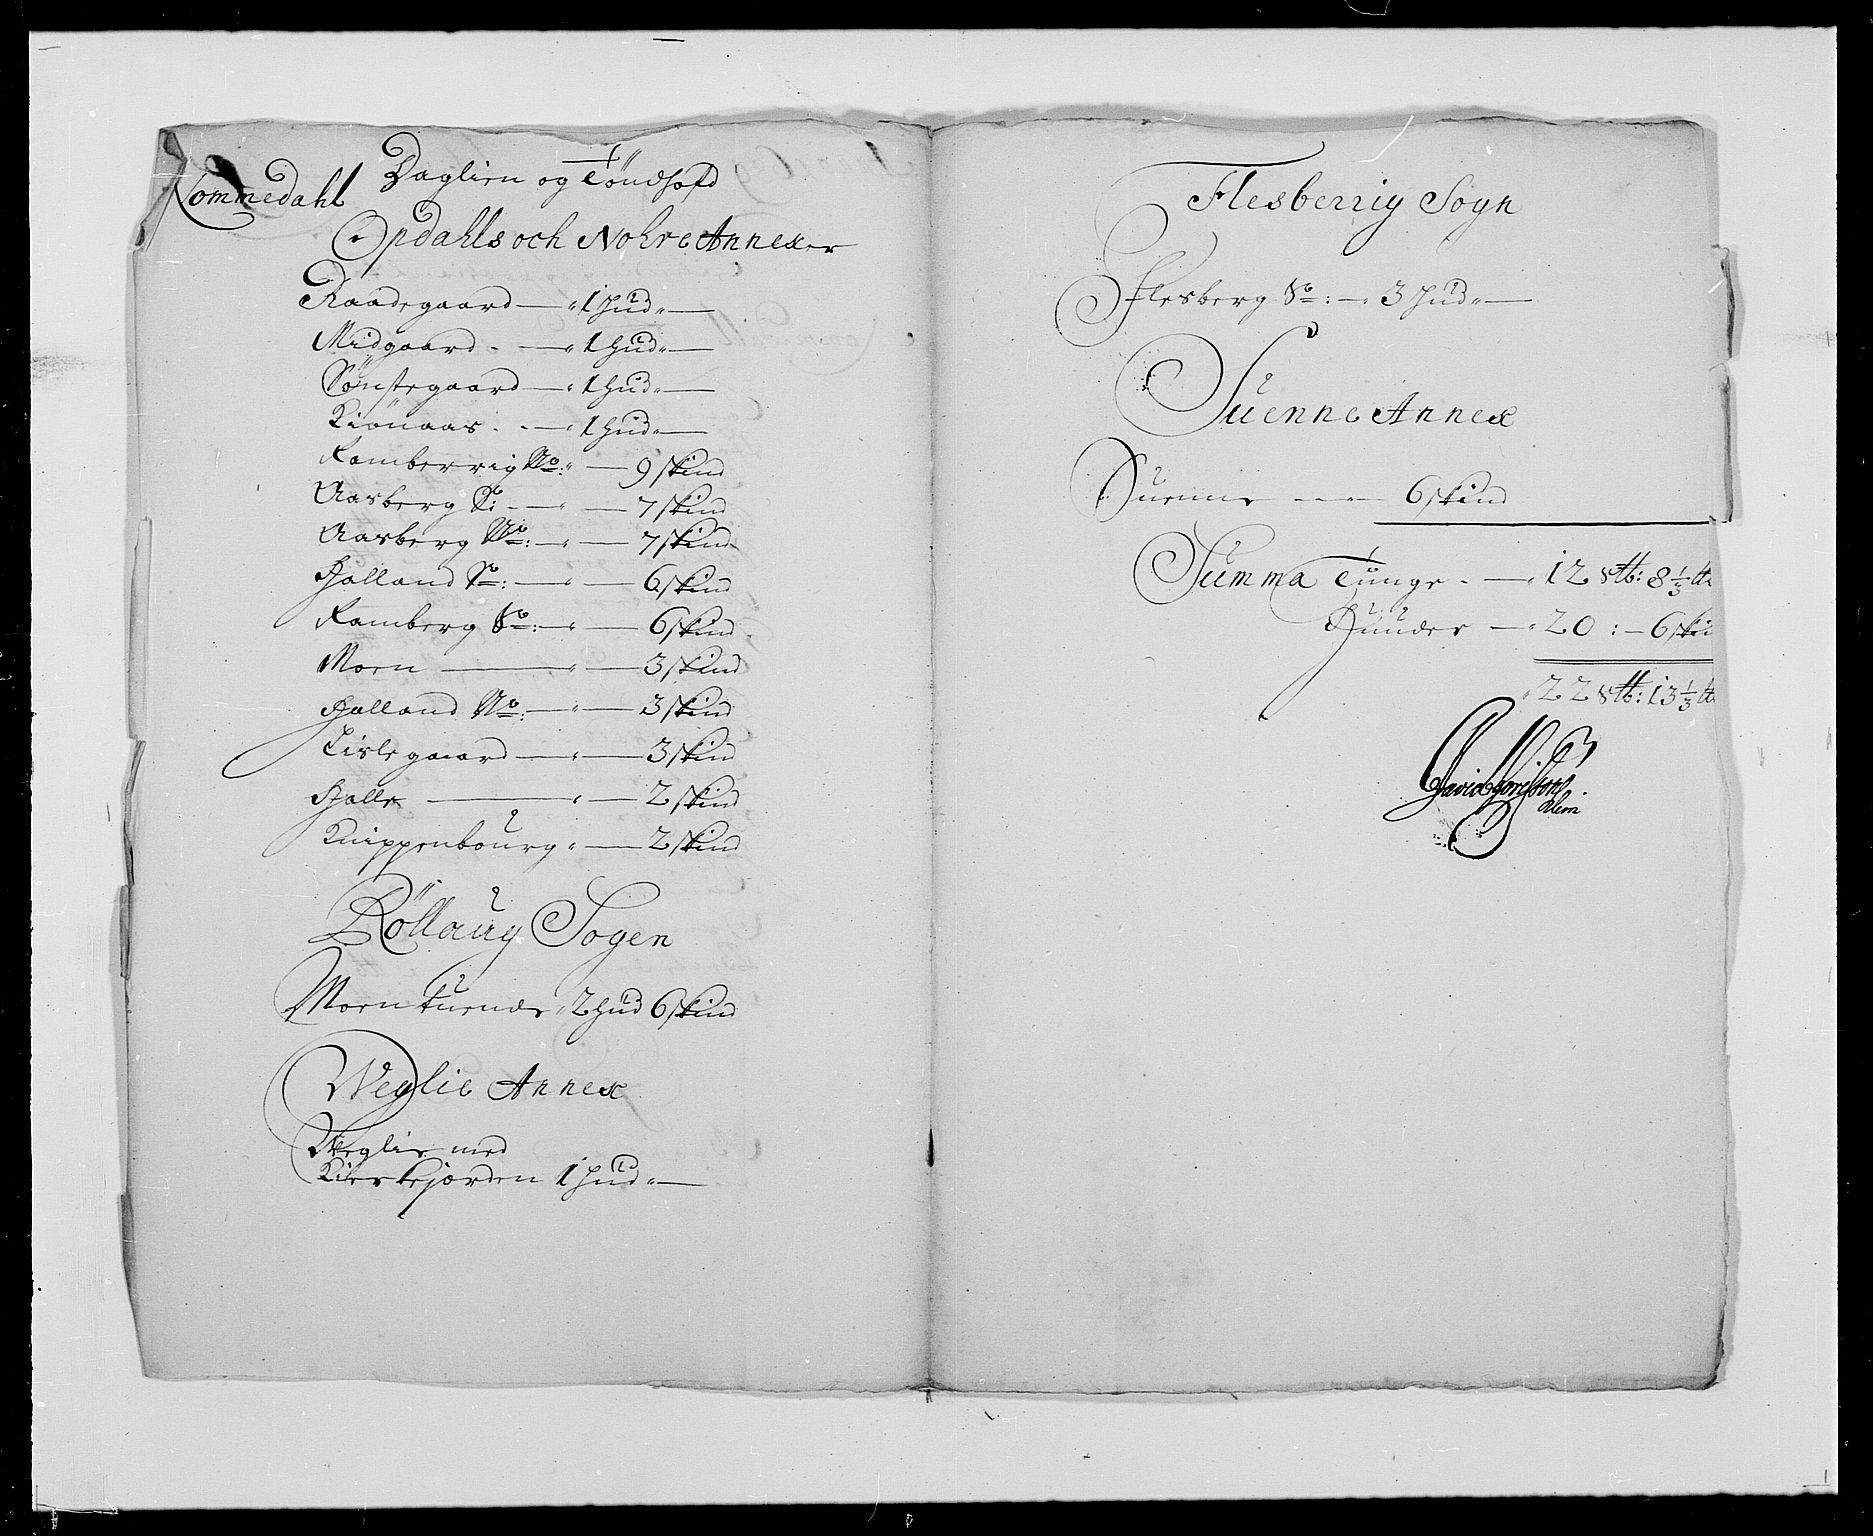 RA, Rentekammeret inntil 1814, Reviderte regnskaper, Fogderegnskap, R24/L1573: Fogderegnskap Numedal og Sandsvær, 1687-1691, s. 379